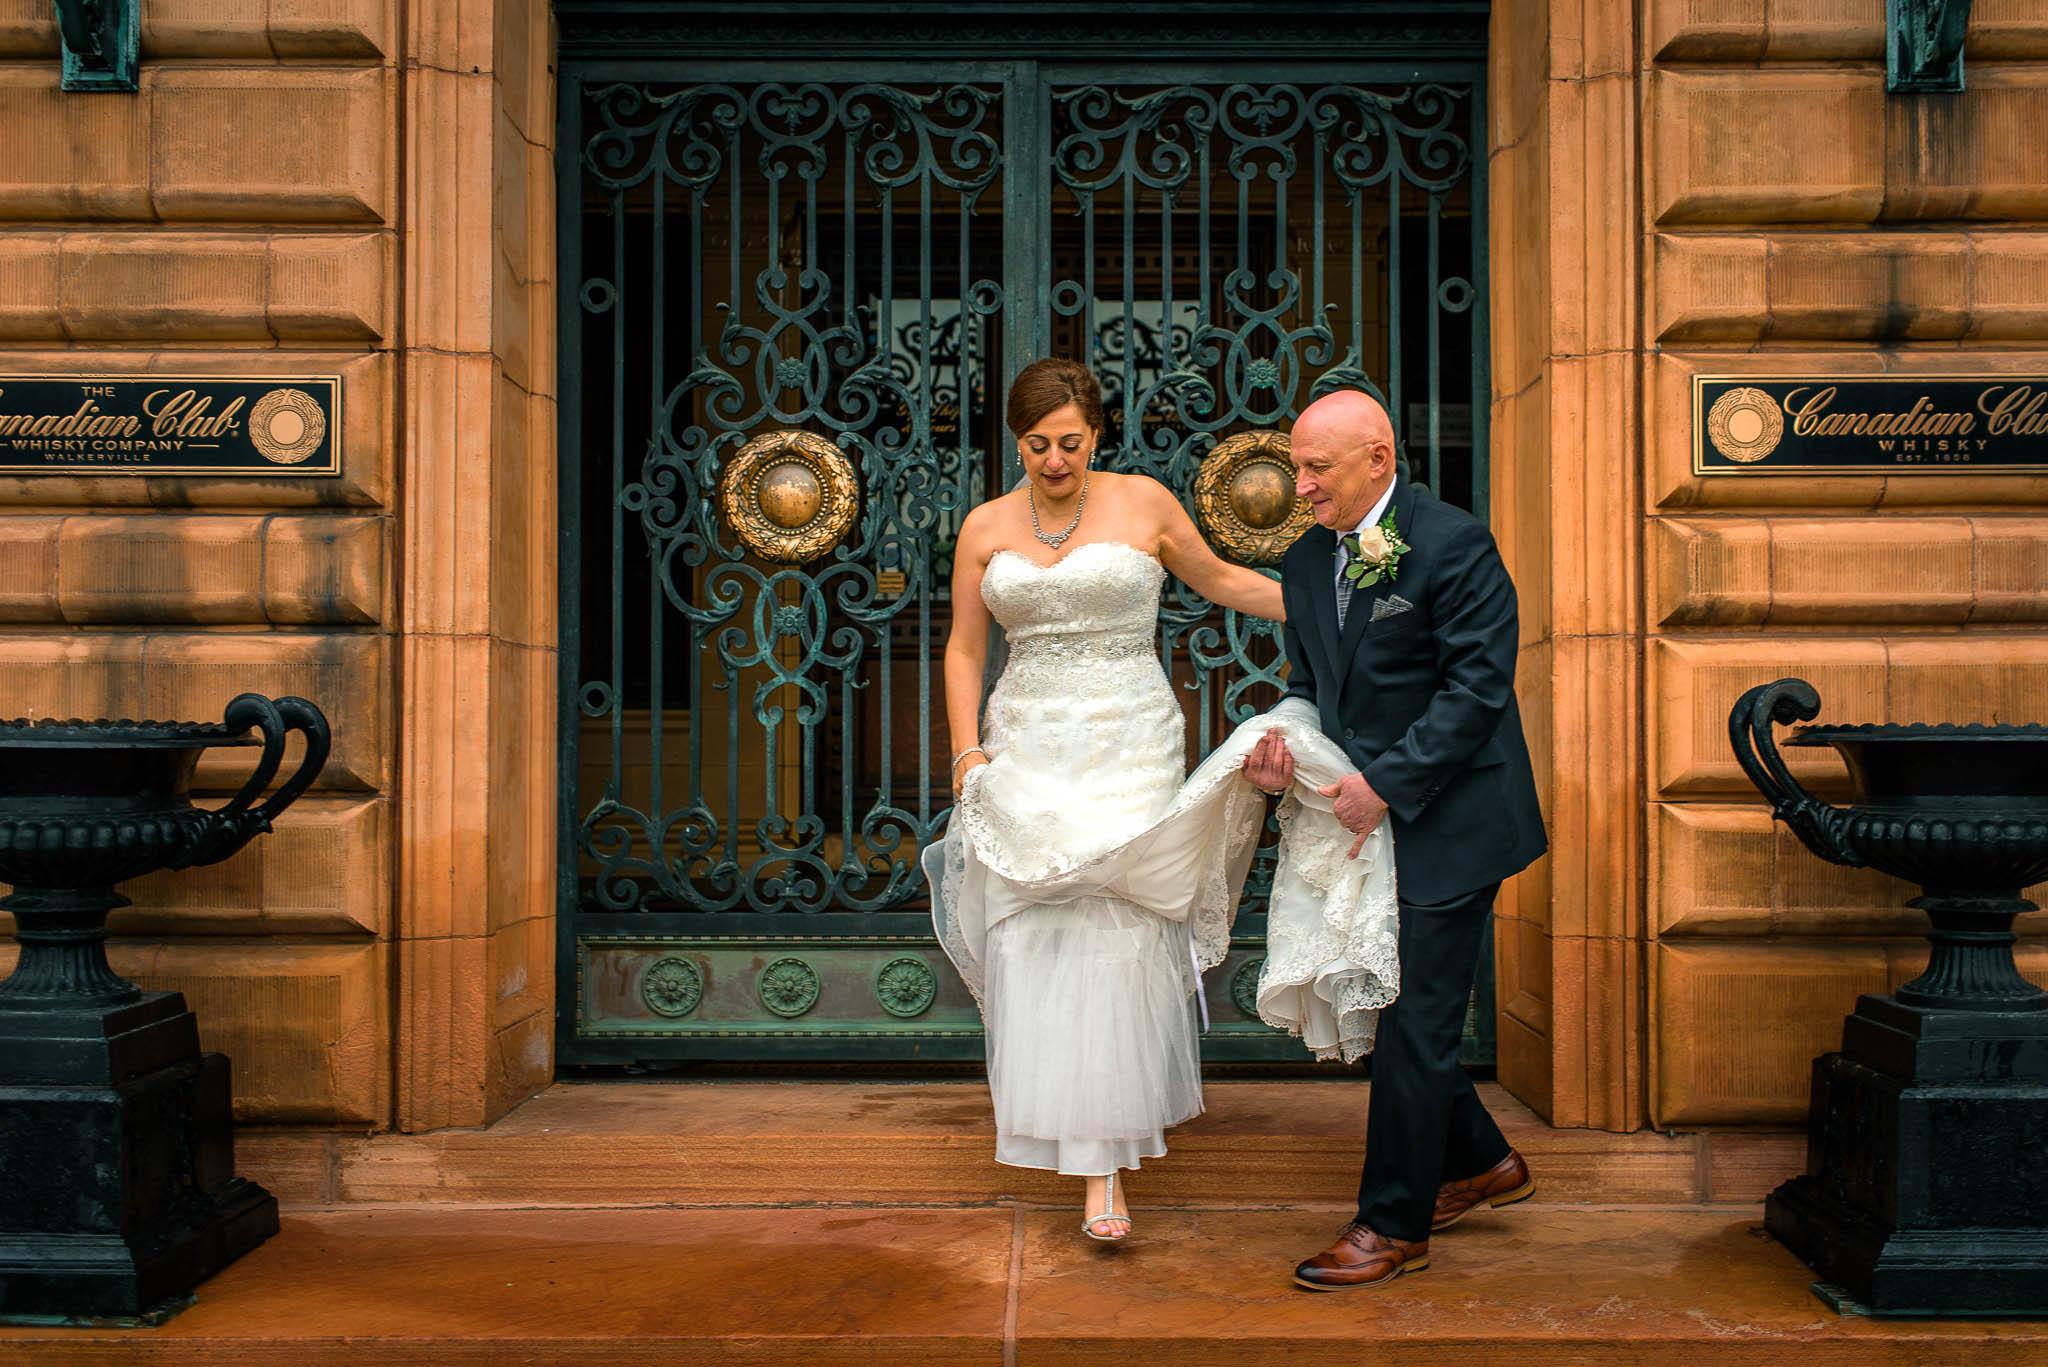 Montreal Wedding Photographer (19 of 26).jpg